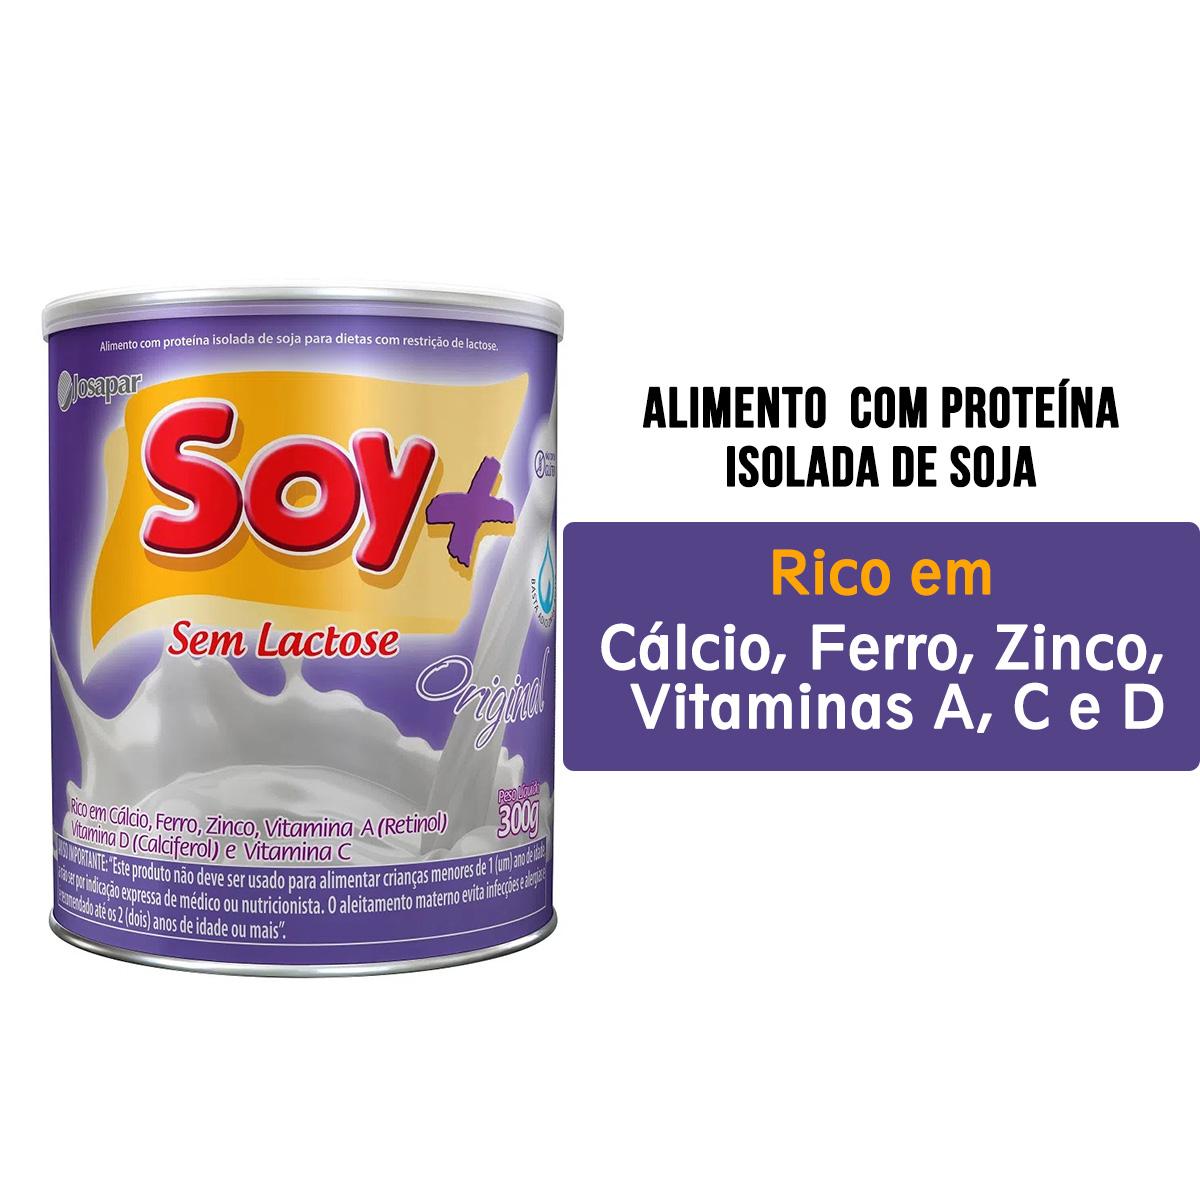 Soy+ Original Alimento em pó com proteína isolada de soja 300g | Kit 3 Latas